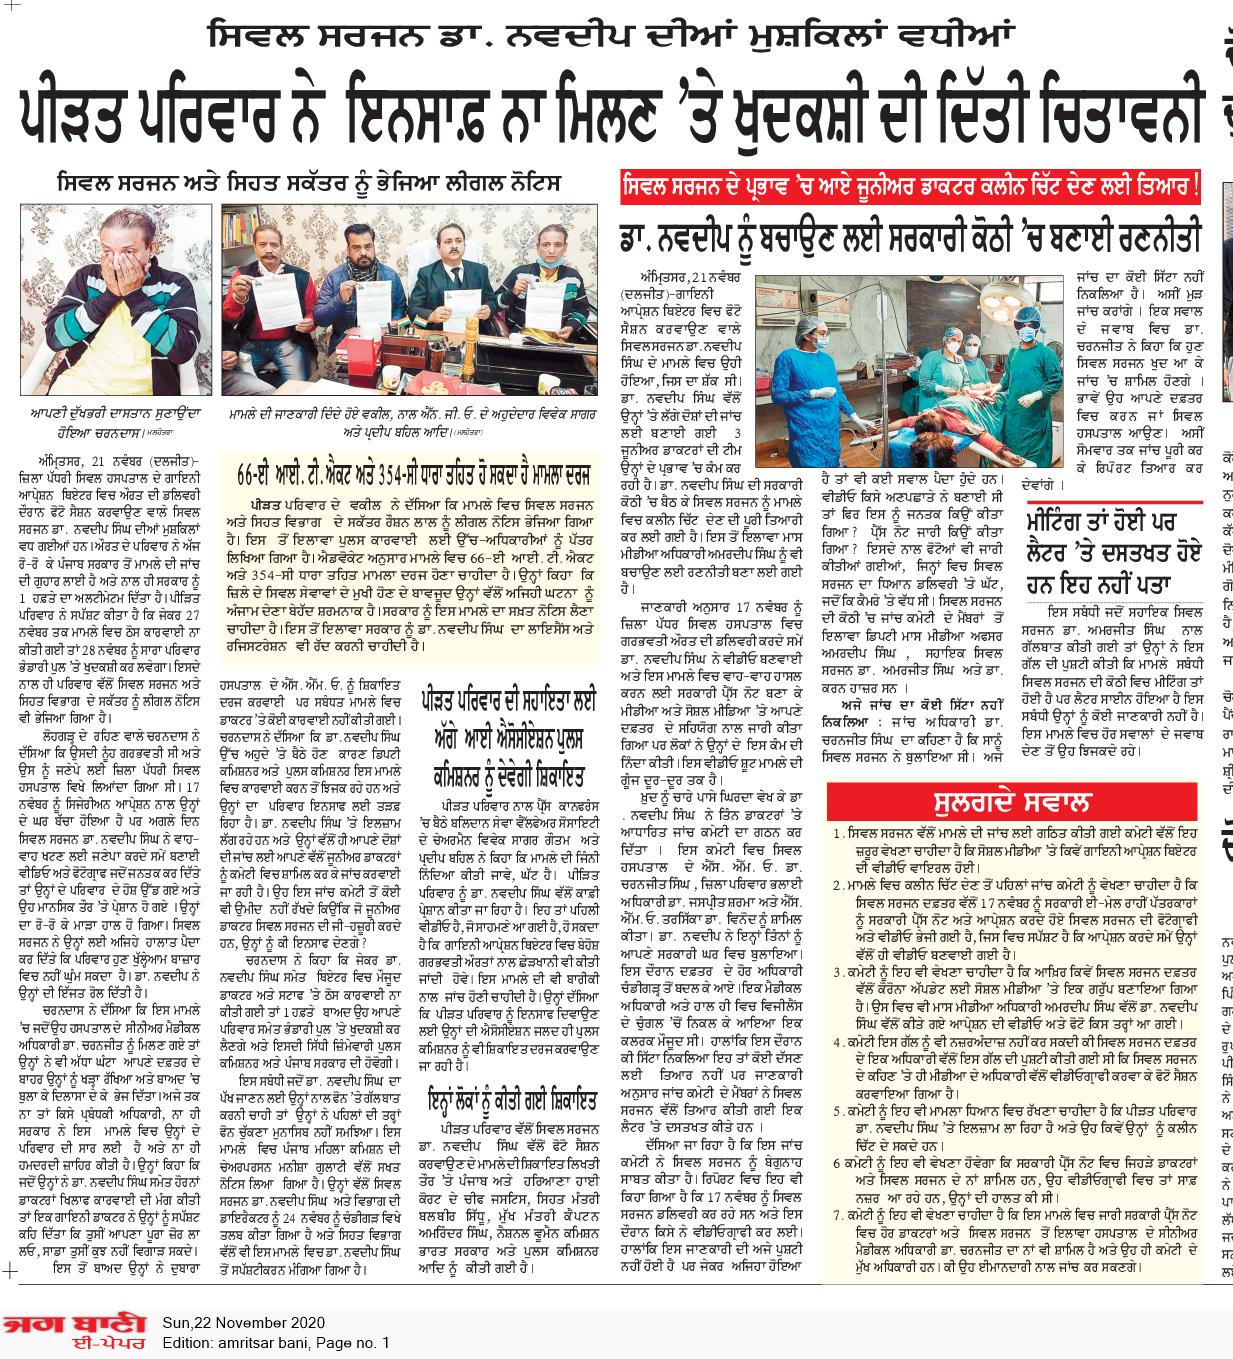 Amritsar Bani 11/22/2020 12:00:00 AM